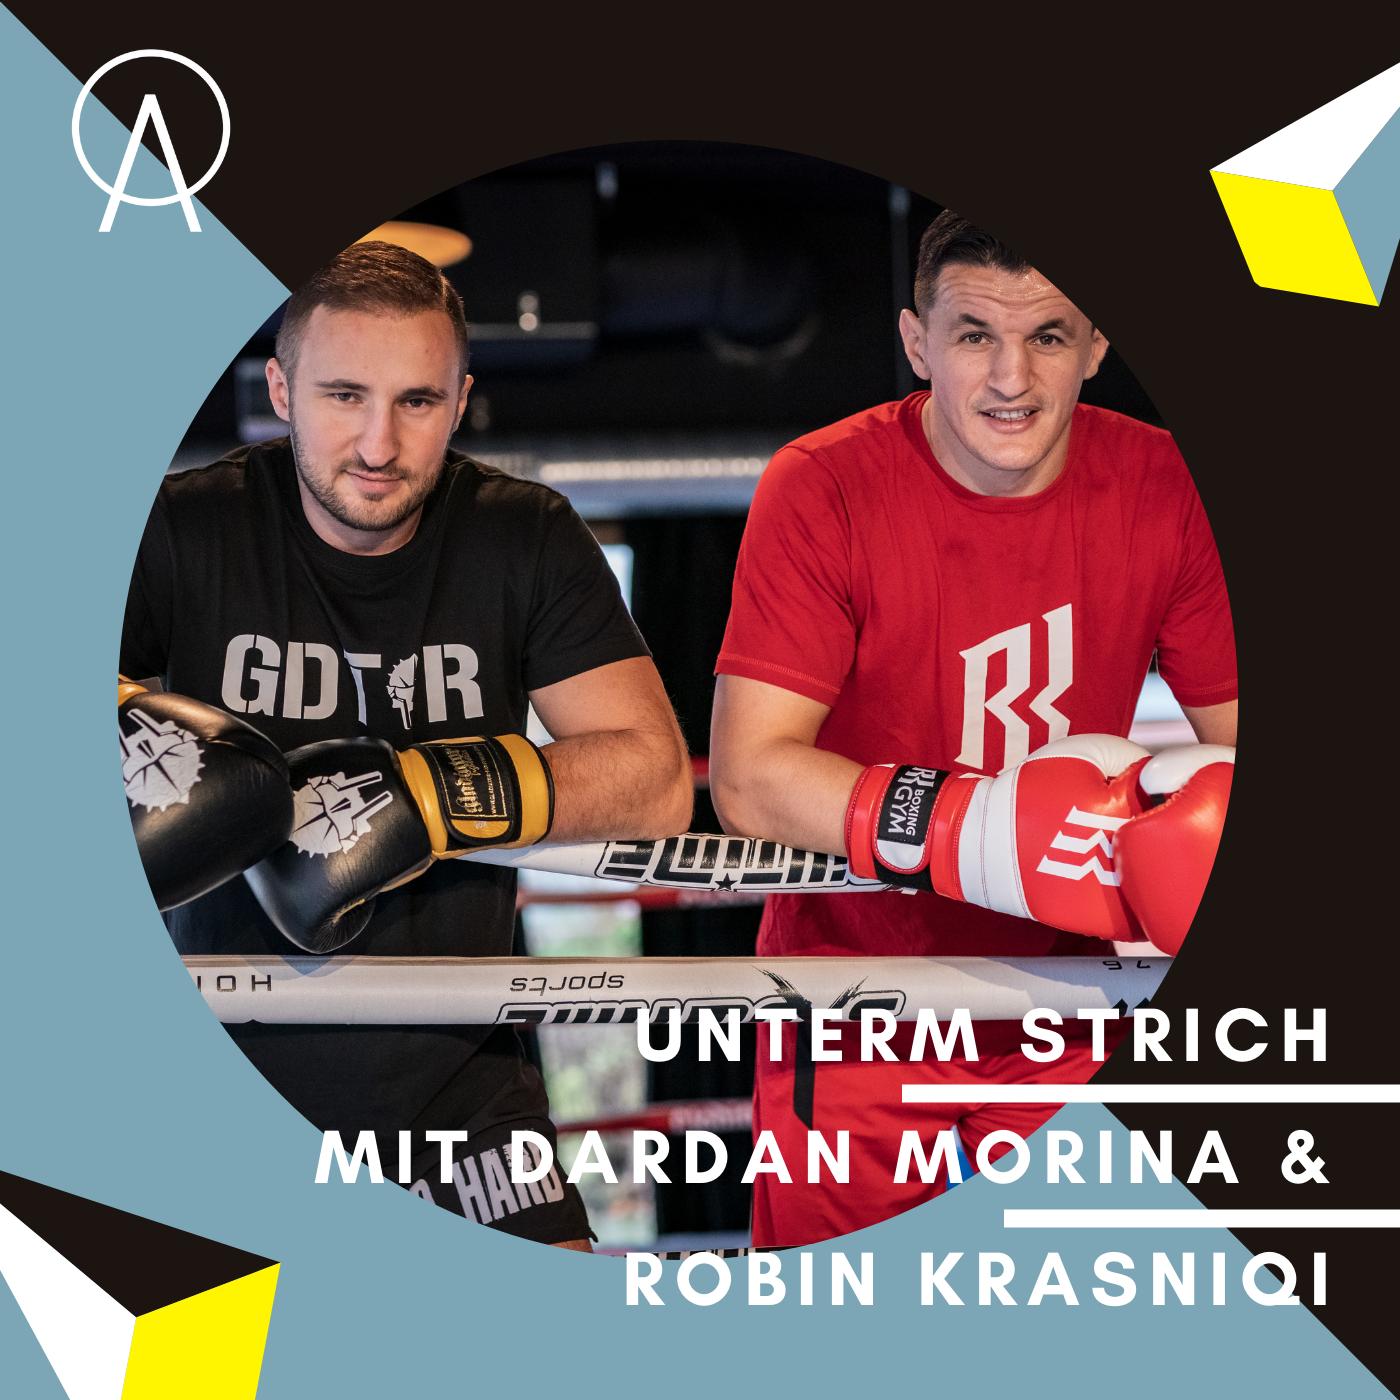 Unterm Strich Folge #031: Die zwei Weltmeister Dardan Morina und Robin Krasniqi im Duell